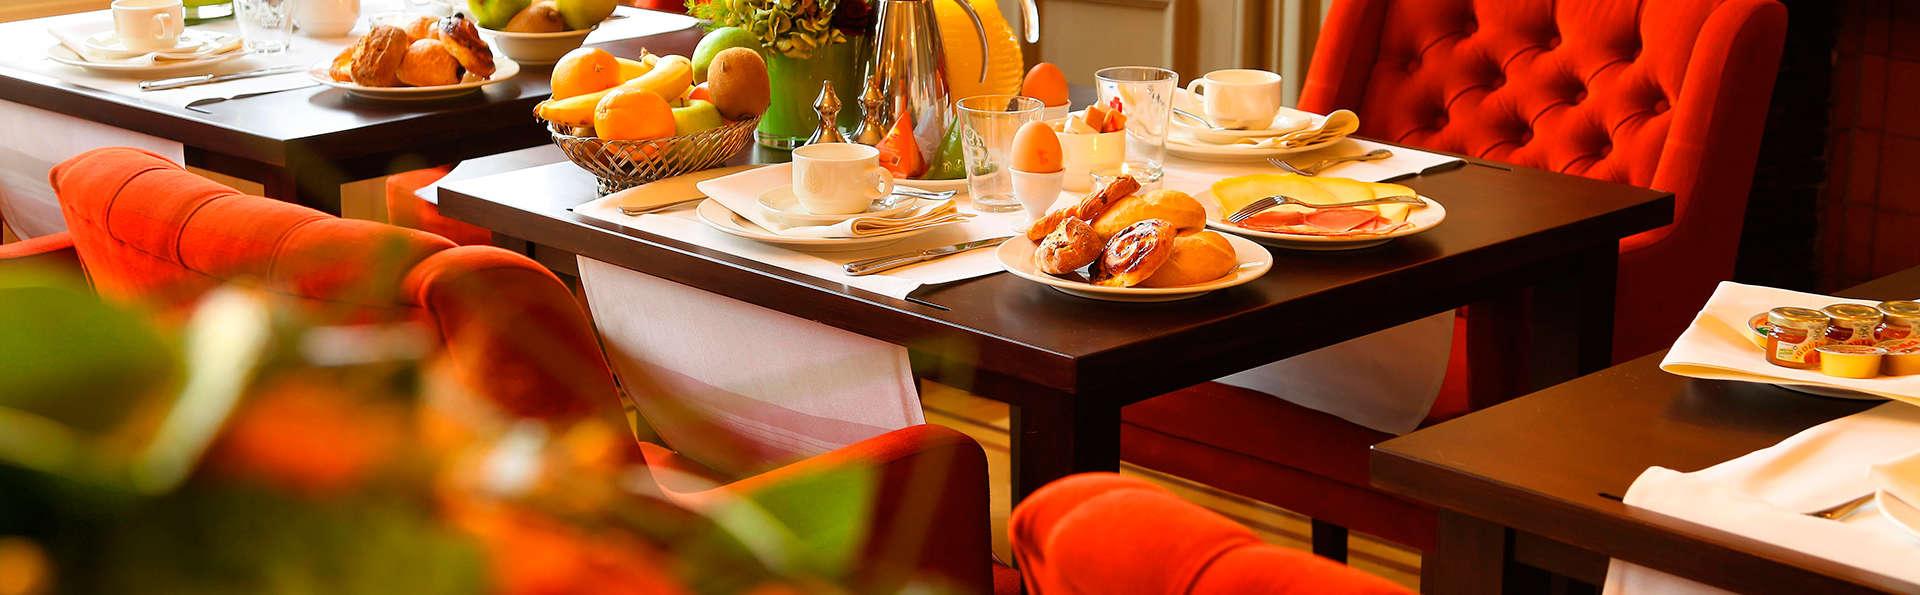 Gastronomisch weekend spa met gastronomisch diner 6 gangen voor 2 volwassenen vanaf 259 - Stoffering salon verblijf ...